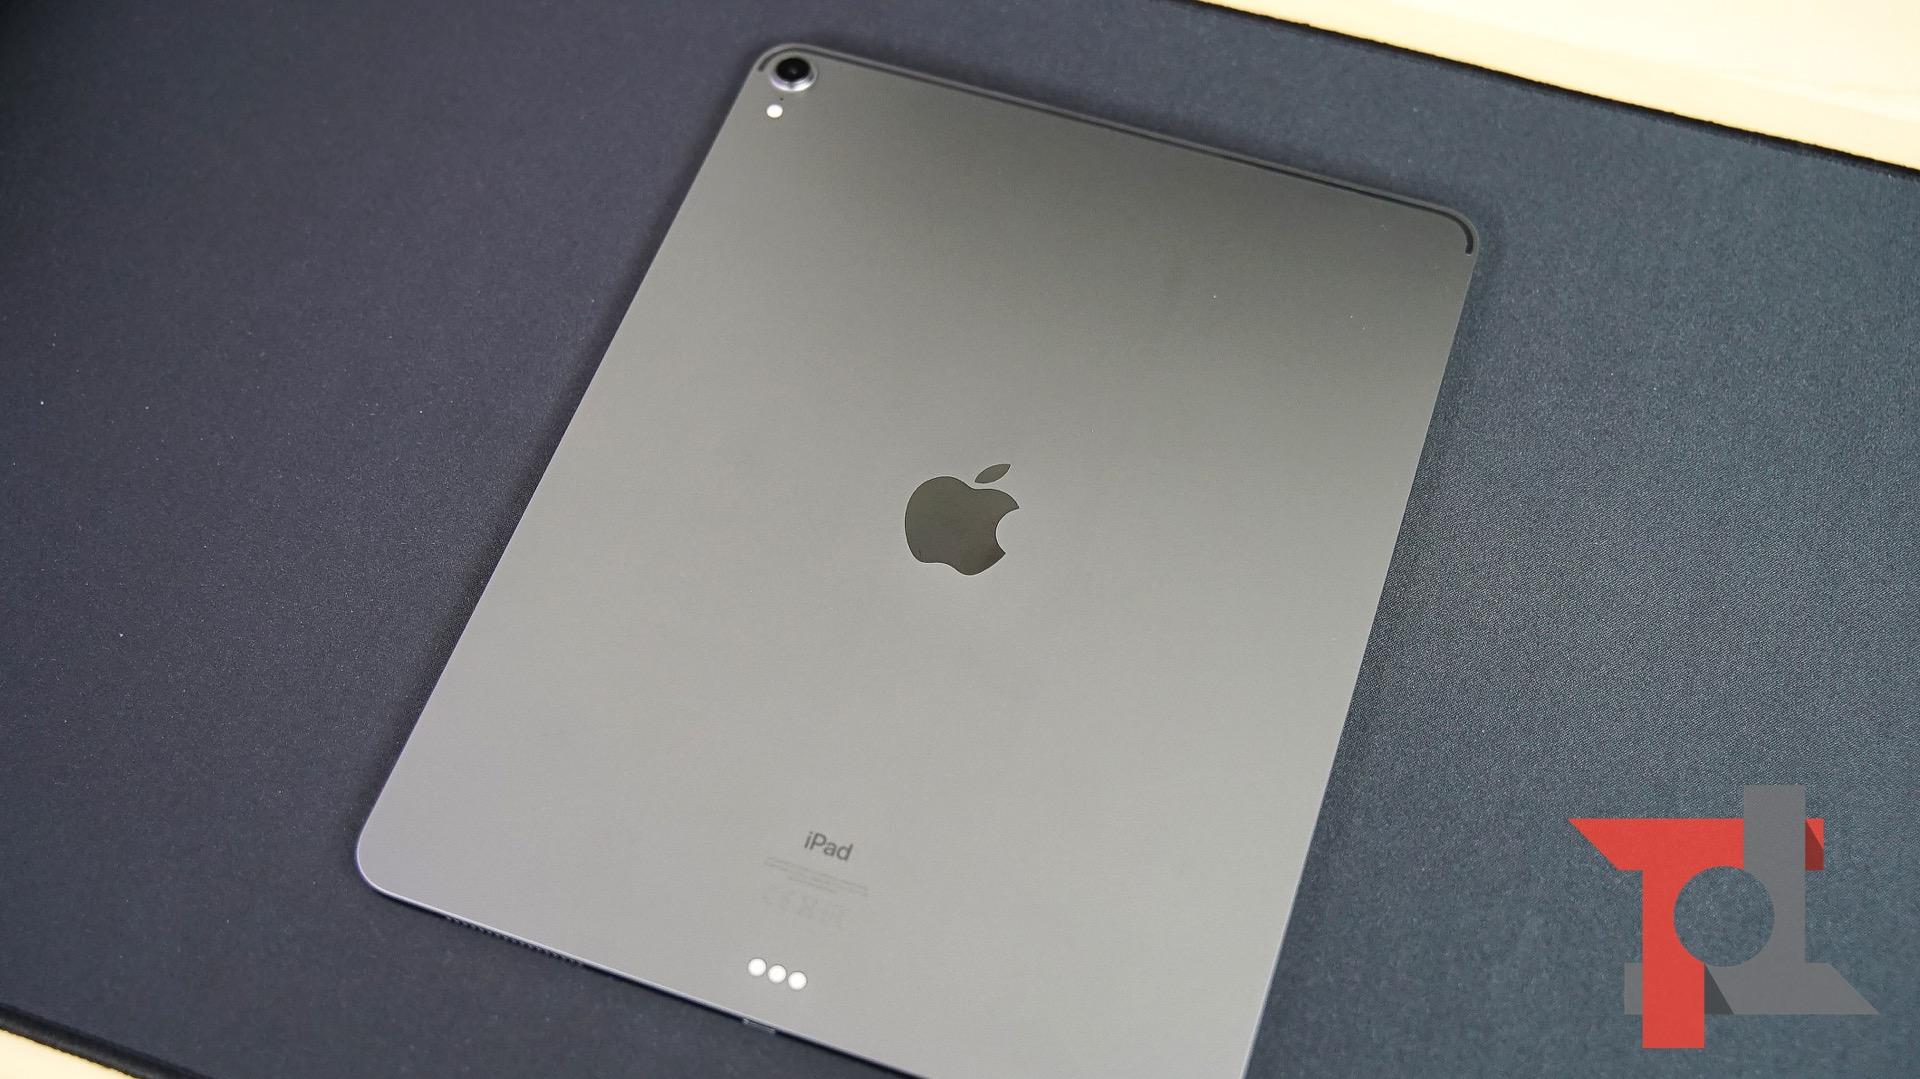 Recensione iPad Pro (2018): per i meno esigenti, può sostituire un PC 2